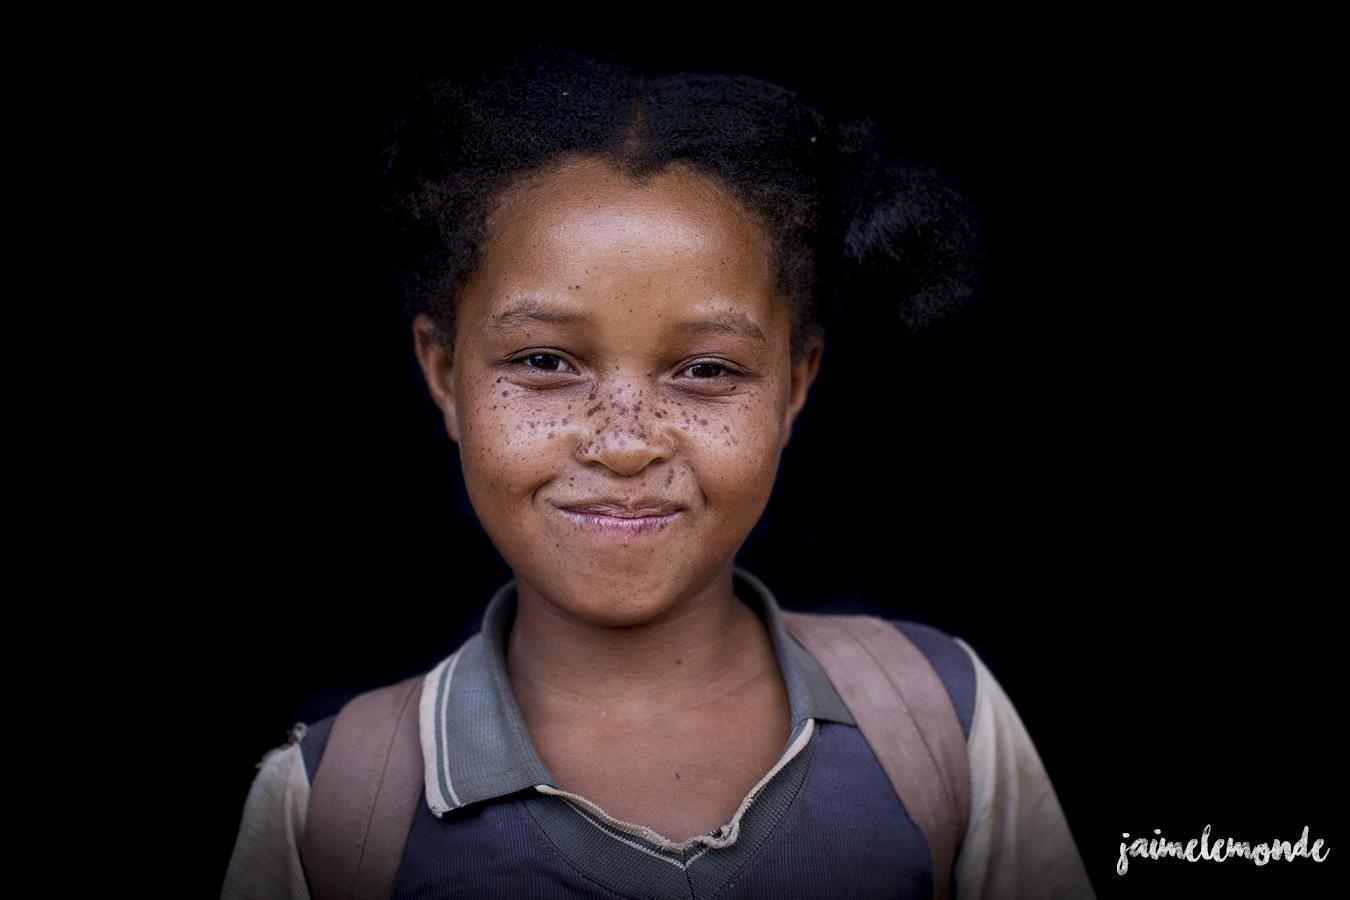 portraits-fond-noir-vohitsaoka-madagascar-jaimelemonde-16